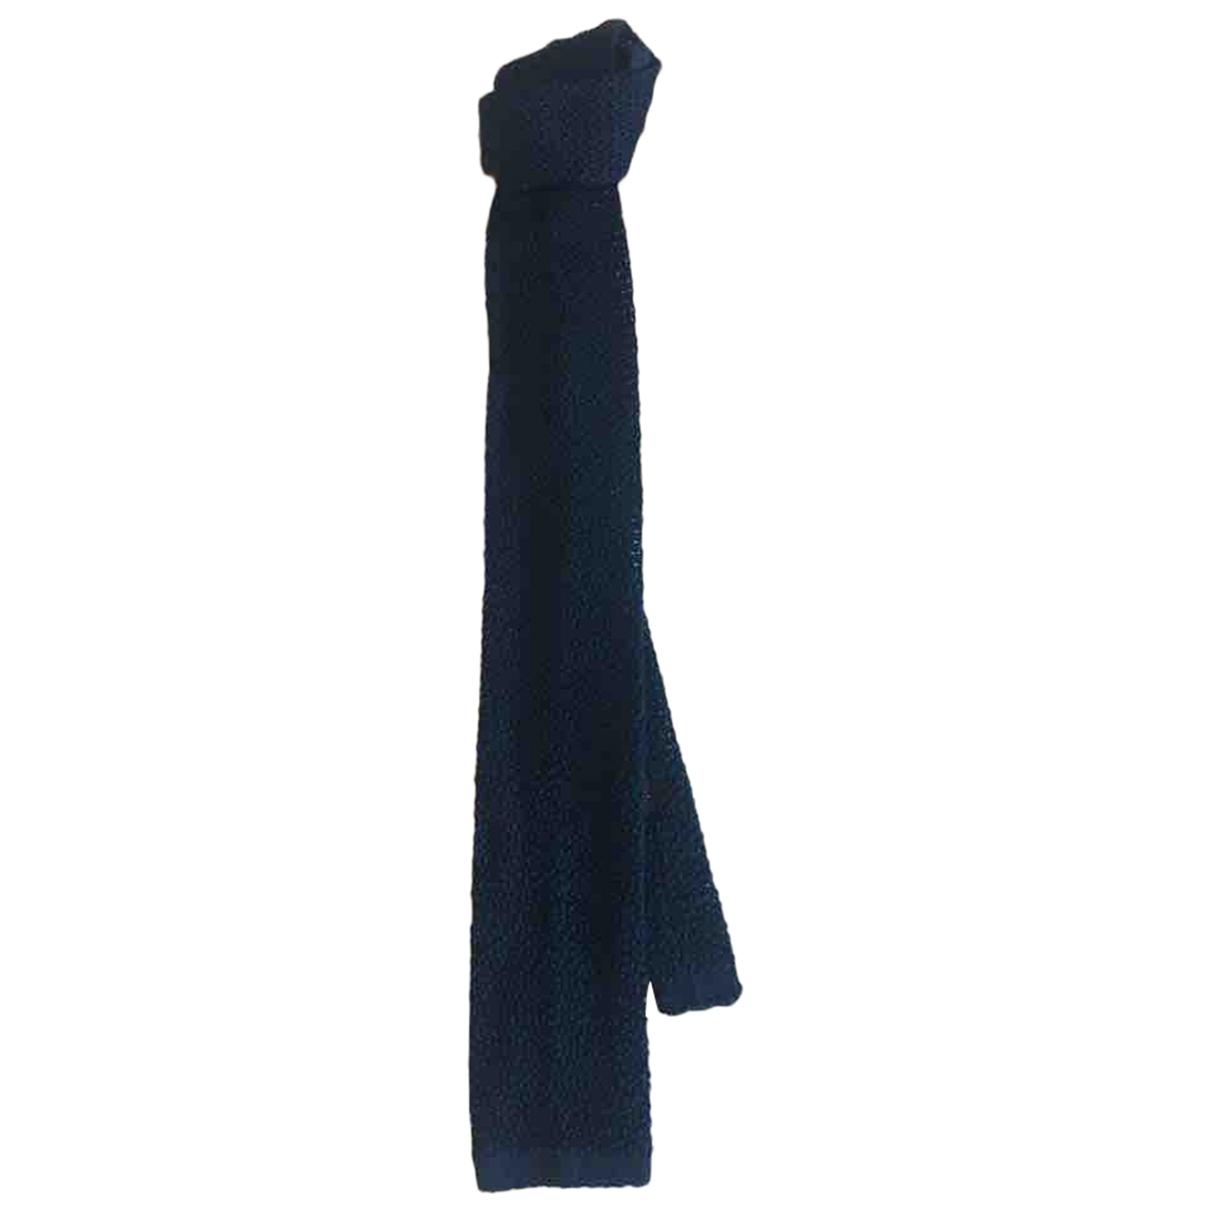 Barba - Cravates   pour homme en soie - bleu